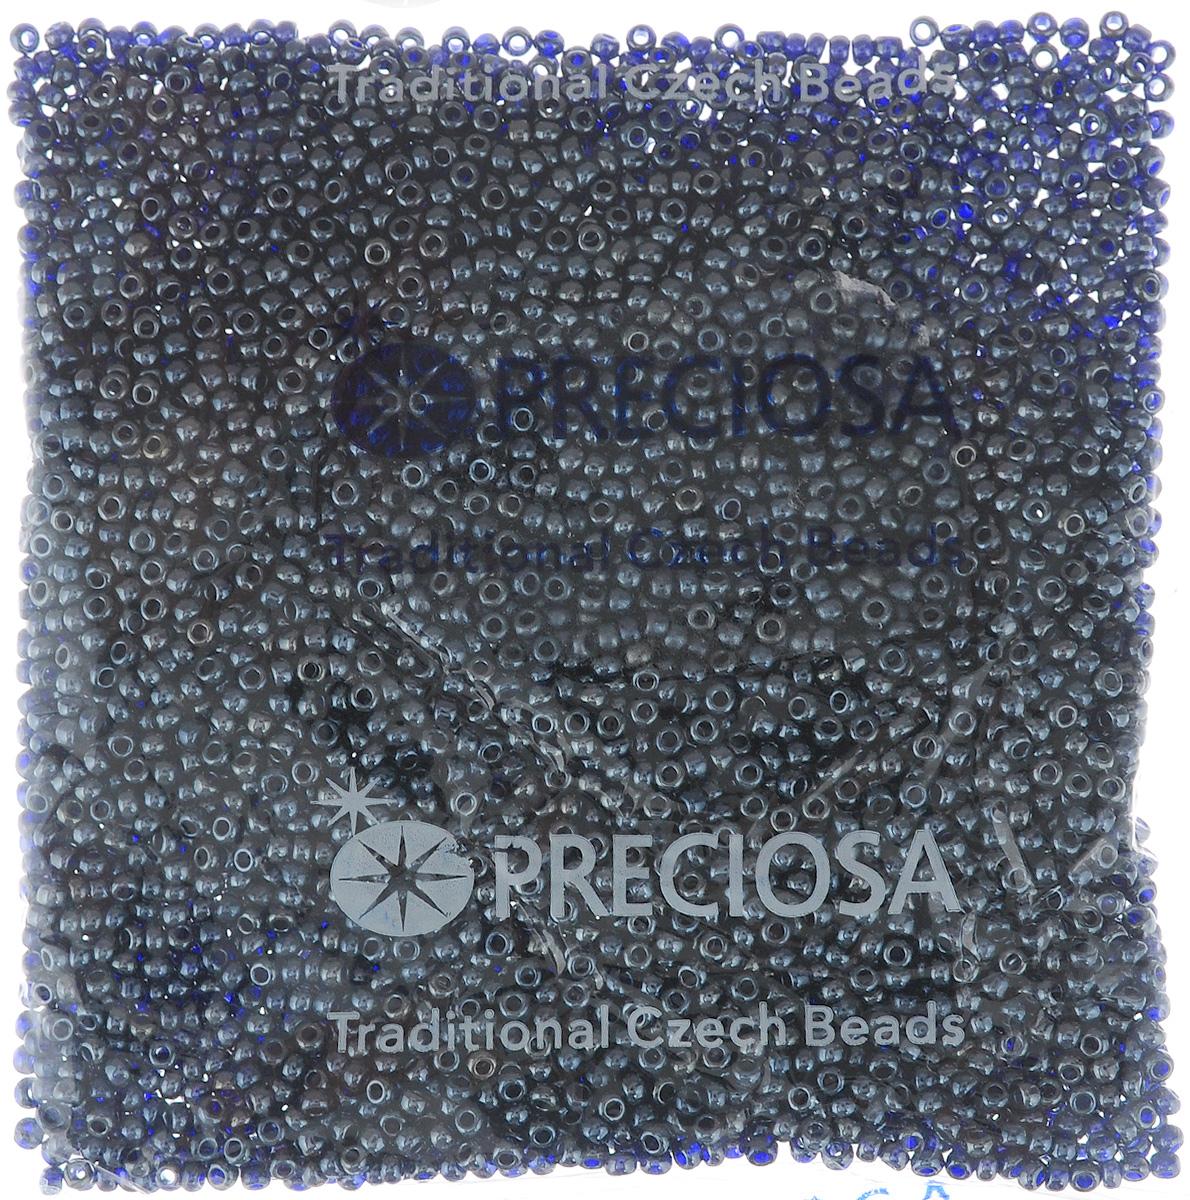 Бисер Preciosa Ассорти, непрозрачный, цвет: синий металлик (18), 50 г. 163142163142_18_синийБисер Preciosa Ассорти, изготовленный из пластика круглой формы, позволит вам своими руками создать оригинальные ожерелья, бусы или браслеты, а также заняться вышиванием. В бисероплетении часто используют бисер разных размеров и цветов. Он идеально подойдет для вышивания на предметах быта и женской одежде. Изготовление украшений - занимательное хобби и реализация творческих способностей рукодельницы, это возможность создания неповторимого индивидуального подарка.